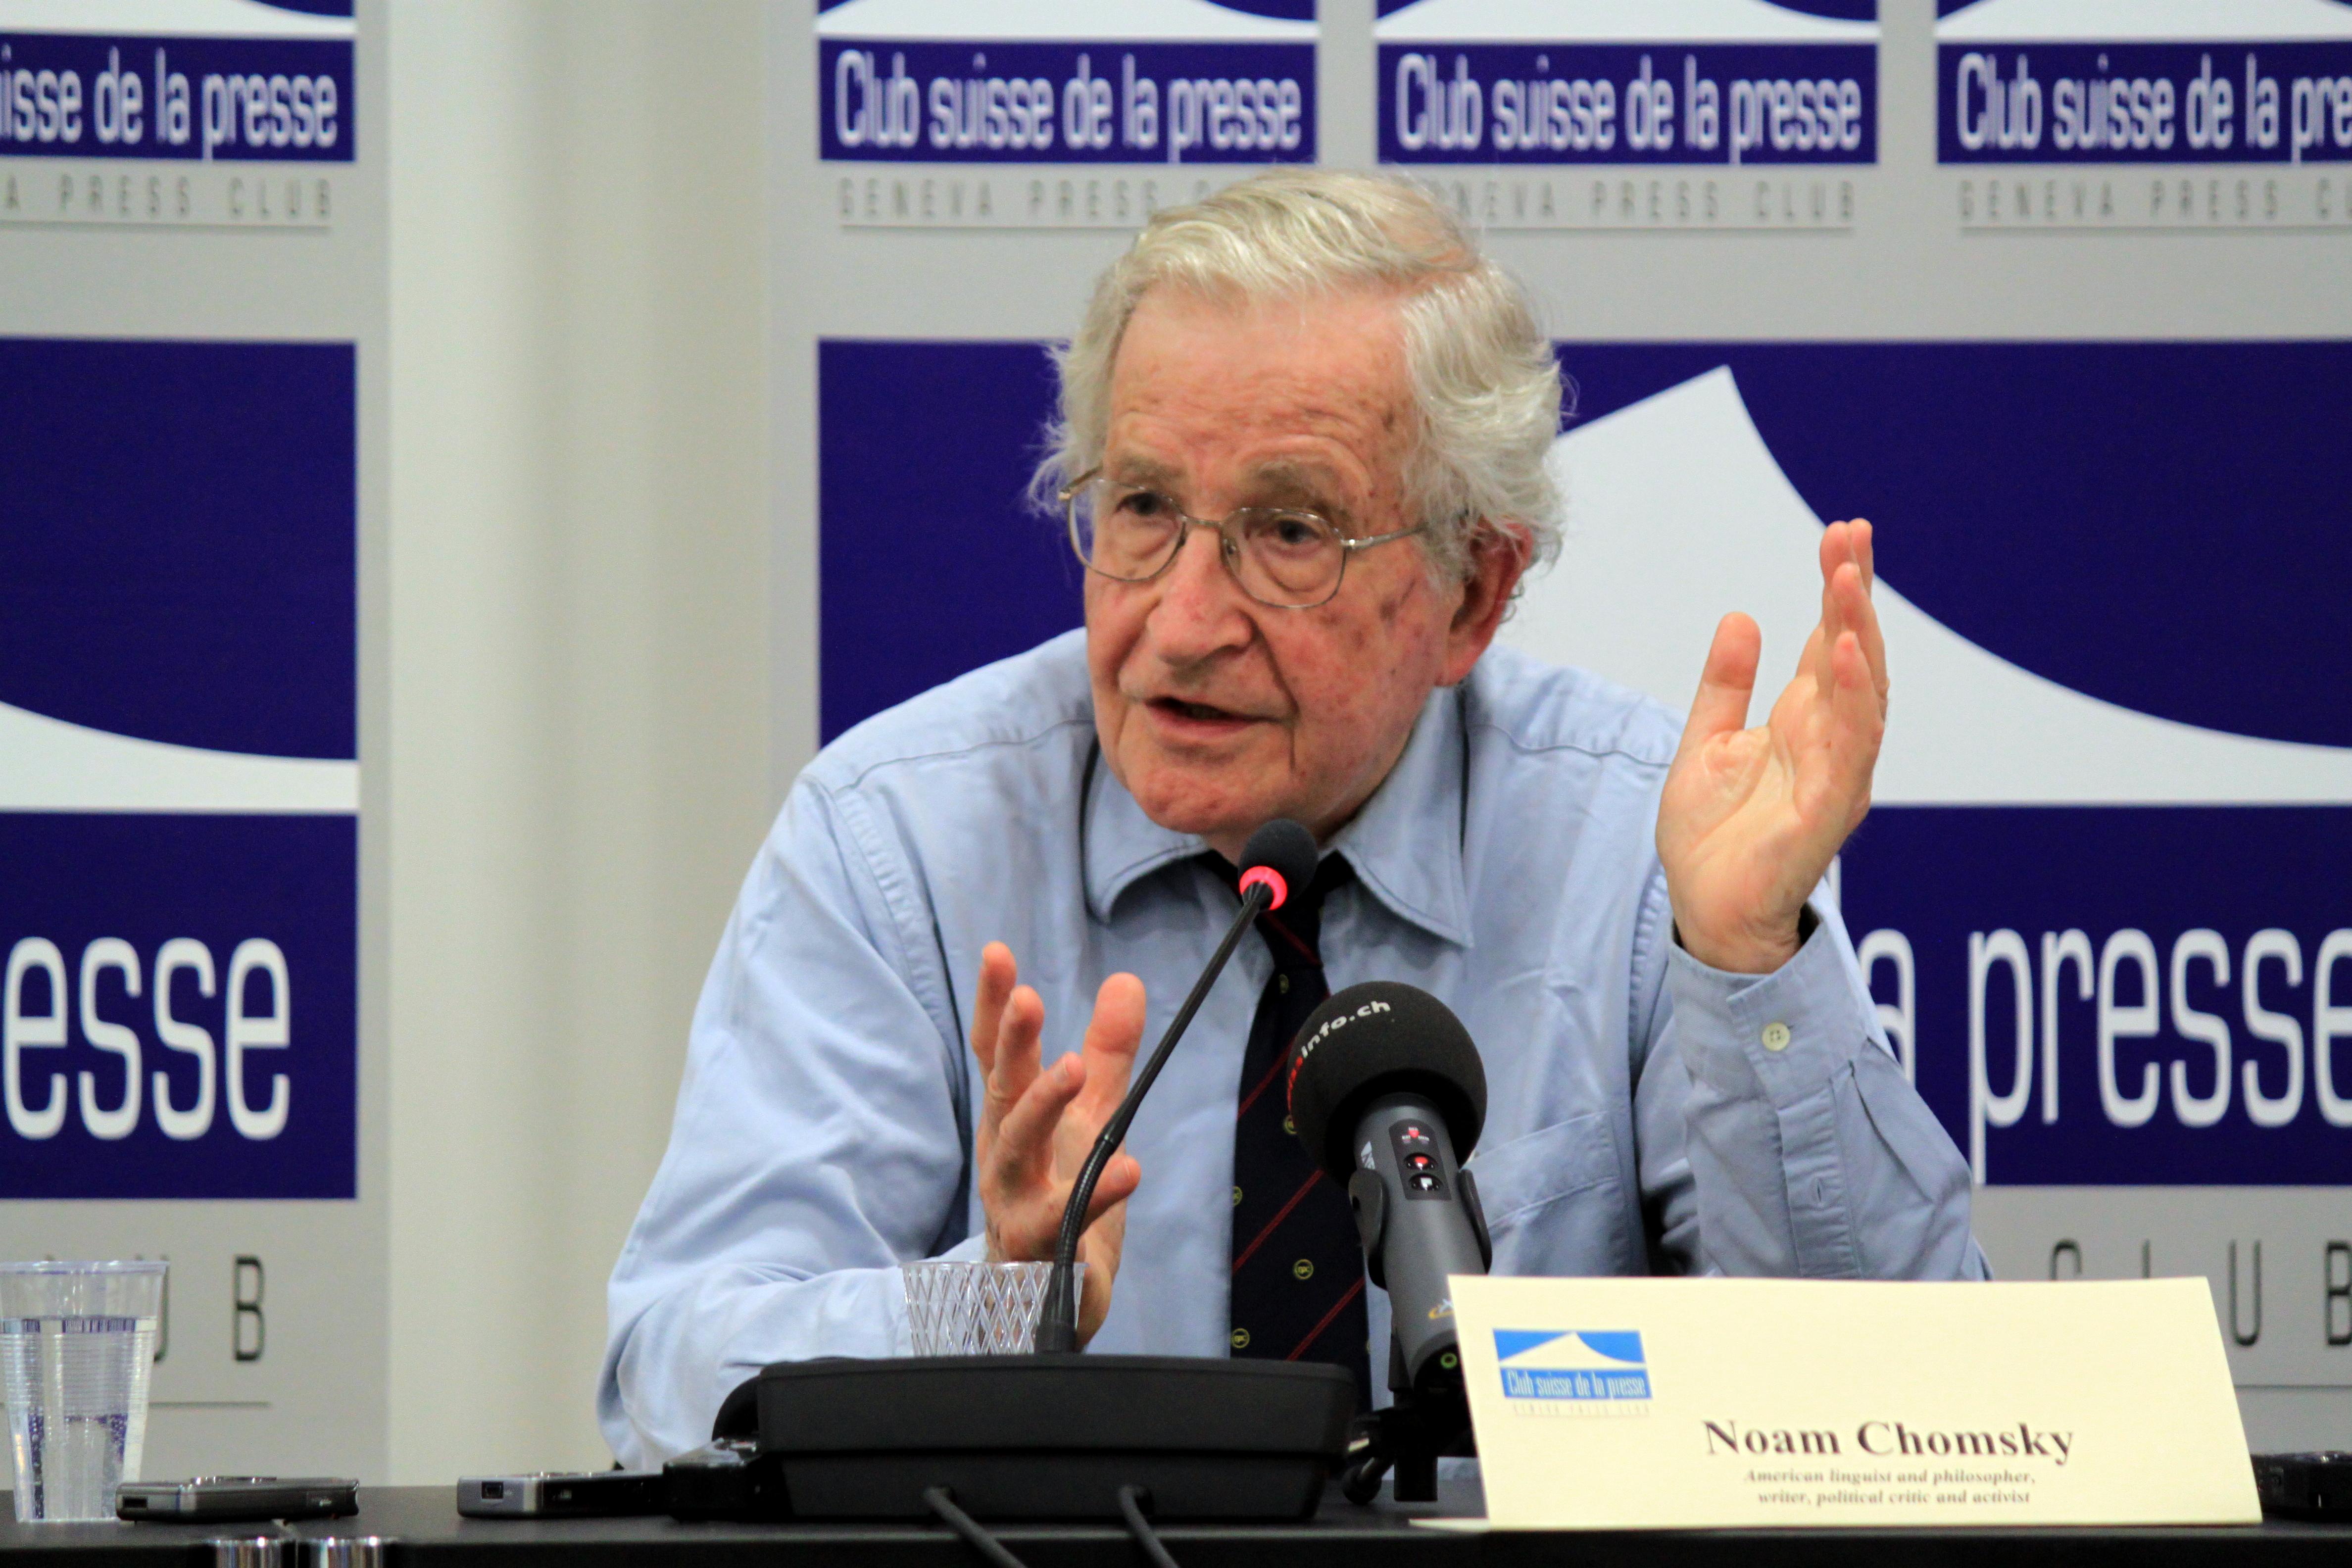 Noam Chomsky et la question du nucléaire iranien